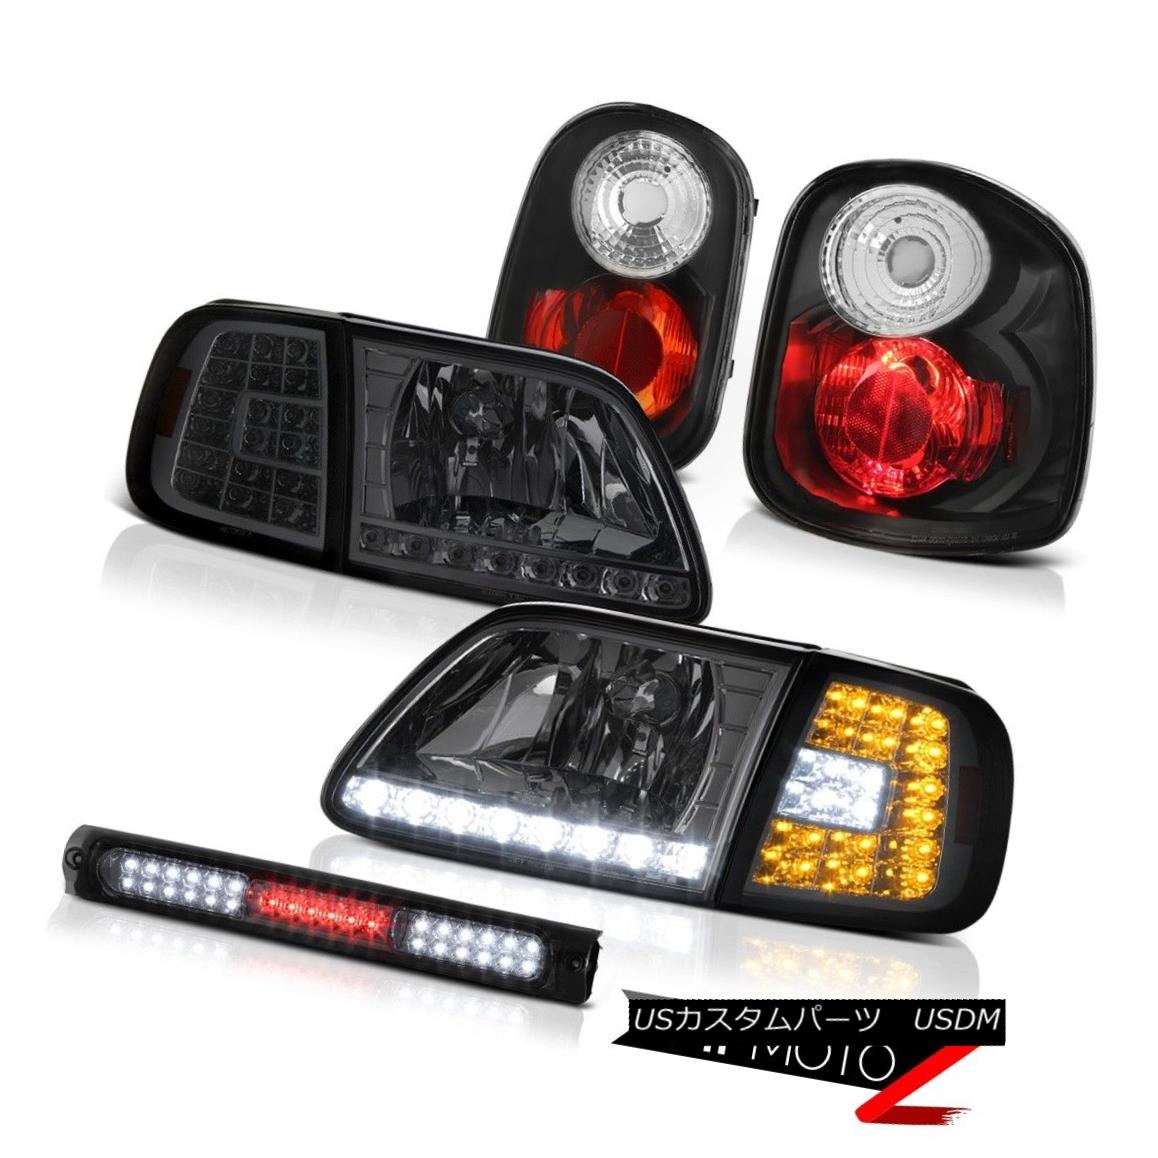 ヘッドライト LED Smoke Bumper+Headlamps Rear Brake Lights Third 2001-2003 F150 Flareside 4.2L LEDスモークバンパー+ヘッドラム psリアブレーキライトサード2001-2003 F150フラレイド4.2L